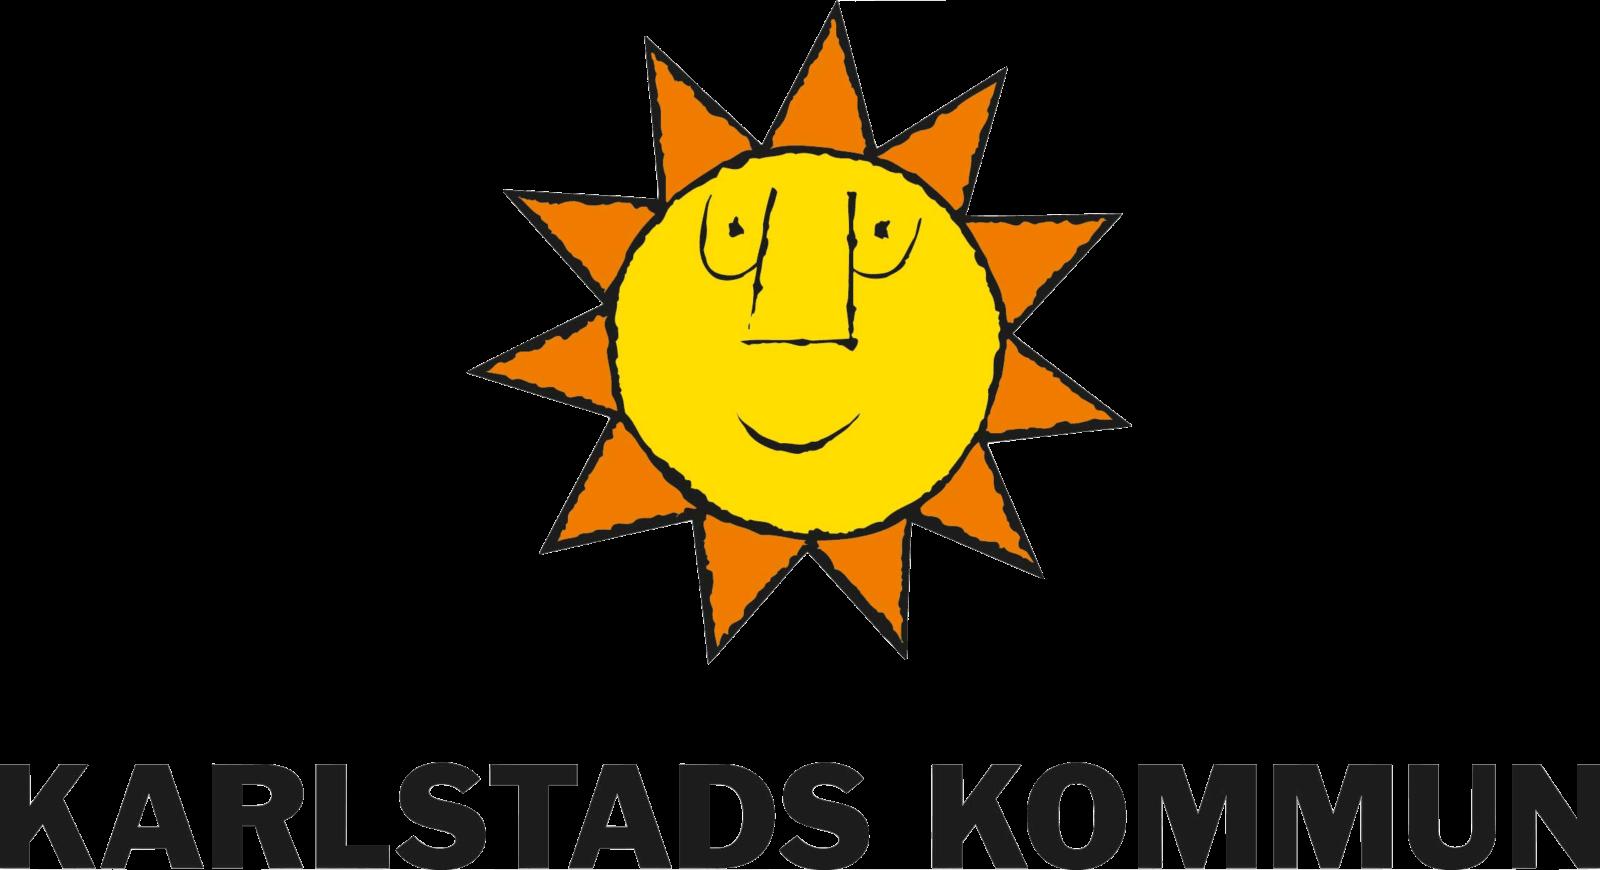 karlstads-kommun_cmyk